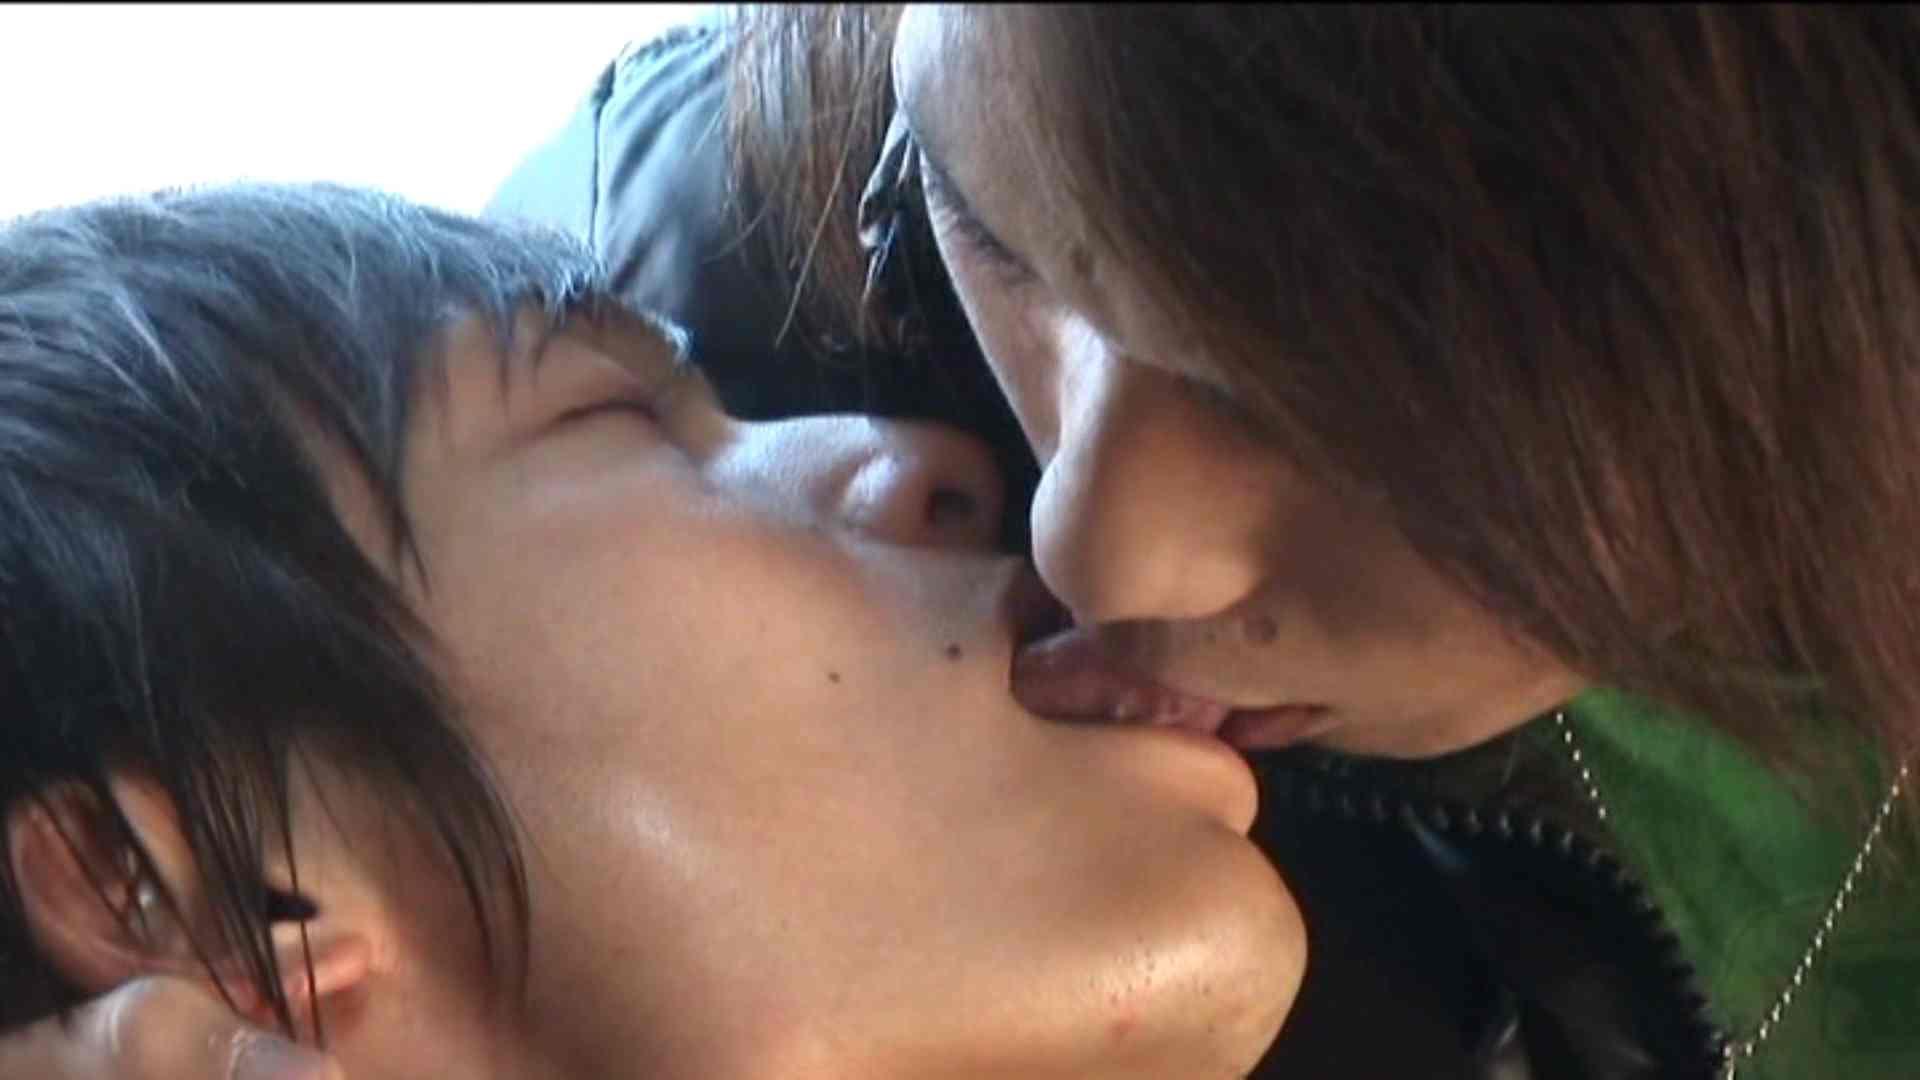 イケメン☆パラダイス〜男ざかりの君たちへ〜vol.37 フェラシーン  83画像 20